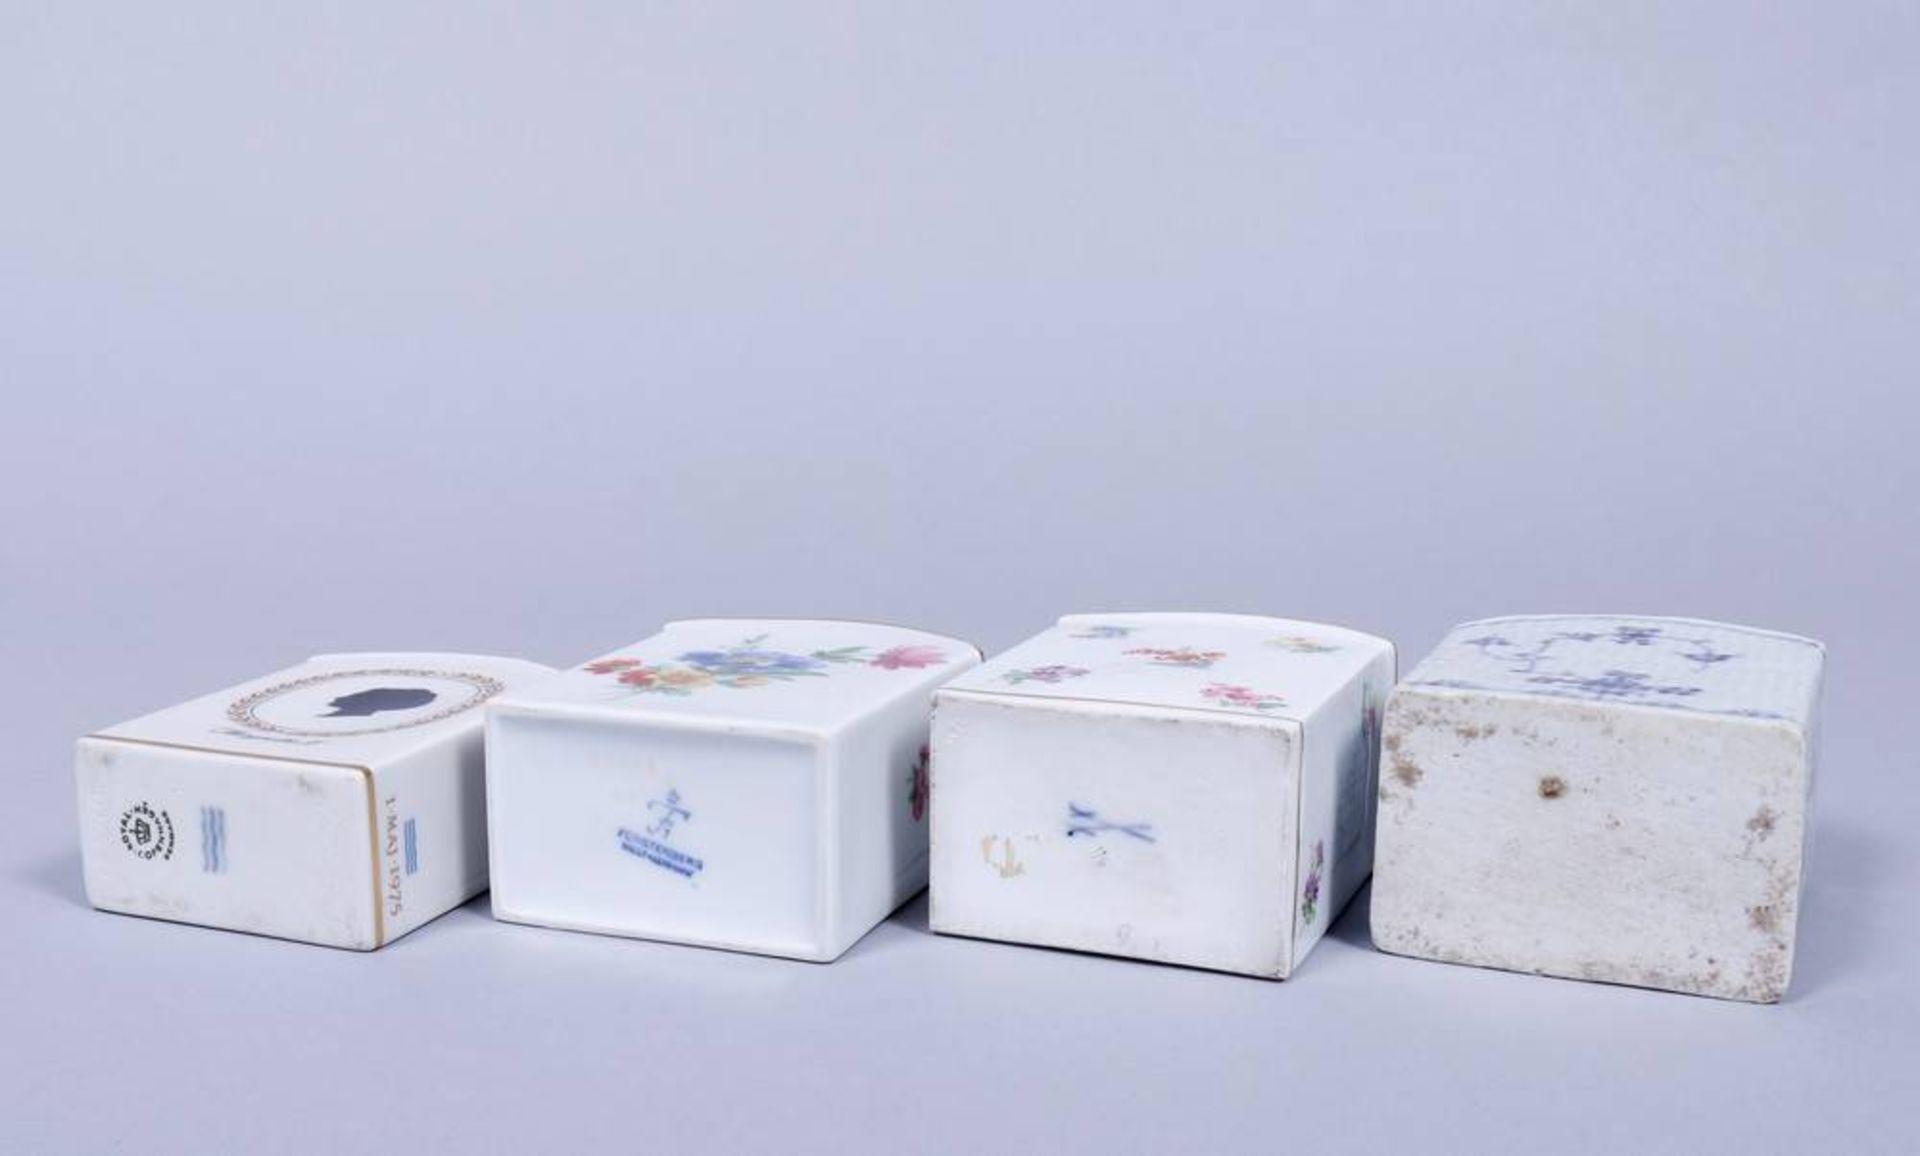 Konvolut Teedosen, u.a. Meissen und Royal Kopenhagen, 19./20.Jh. rechteckige Korpi mit gerundeten - Bild 3 aus 5